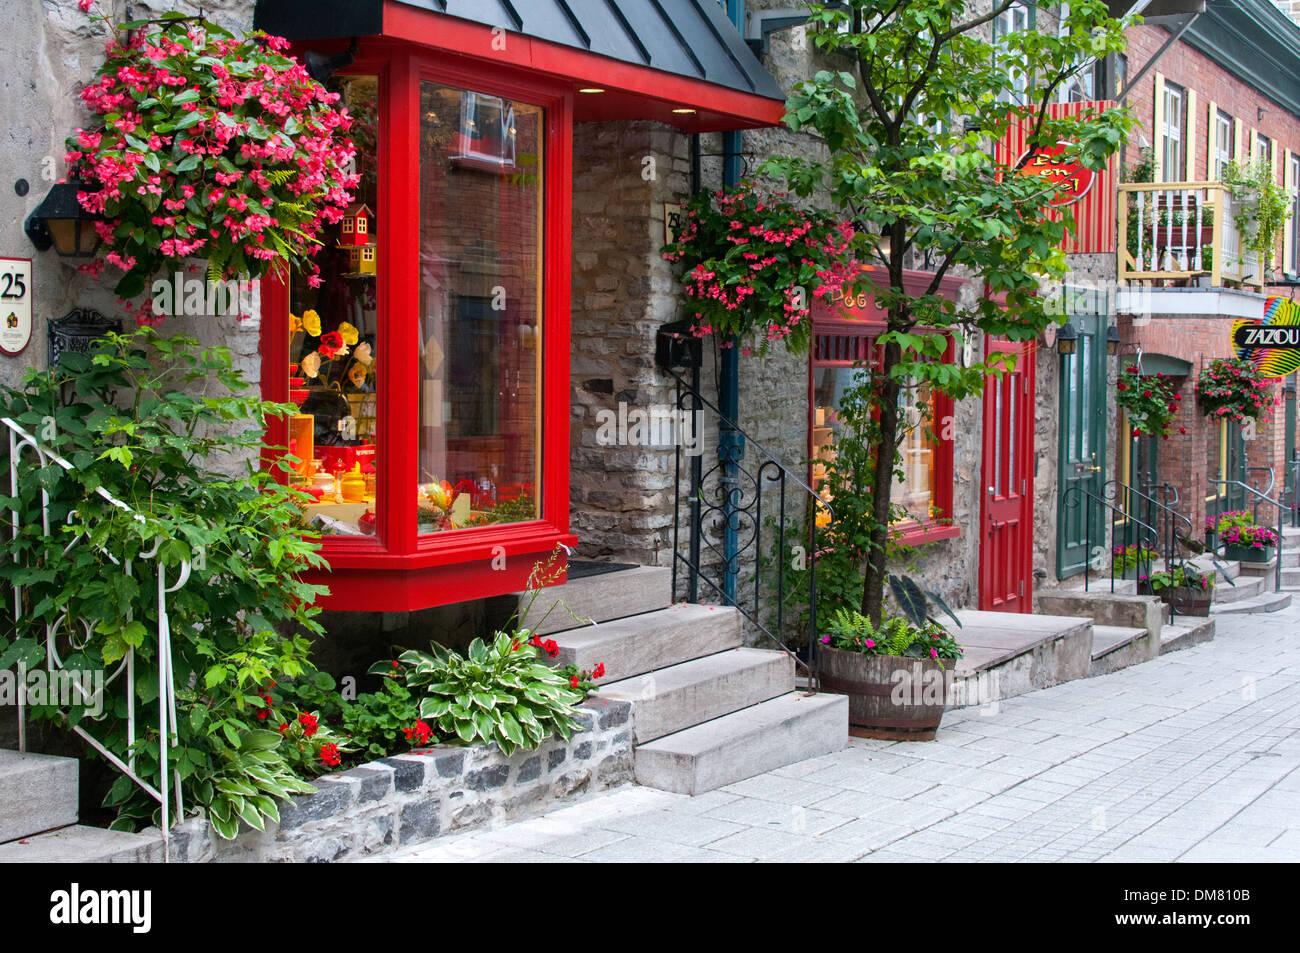 Boutiques on Rue du Petit Champlain Quebec city - Stock Image